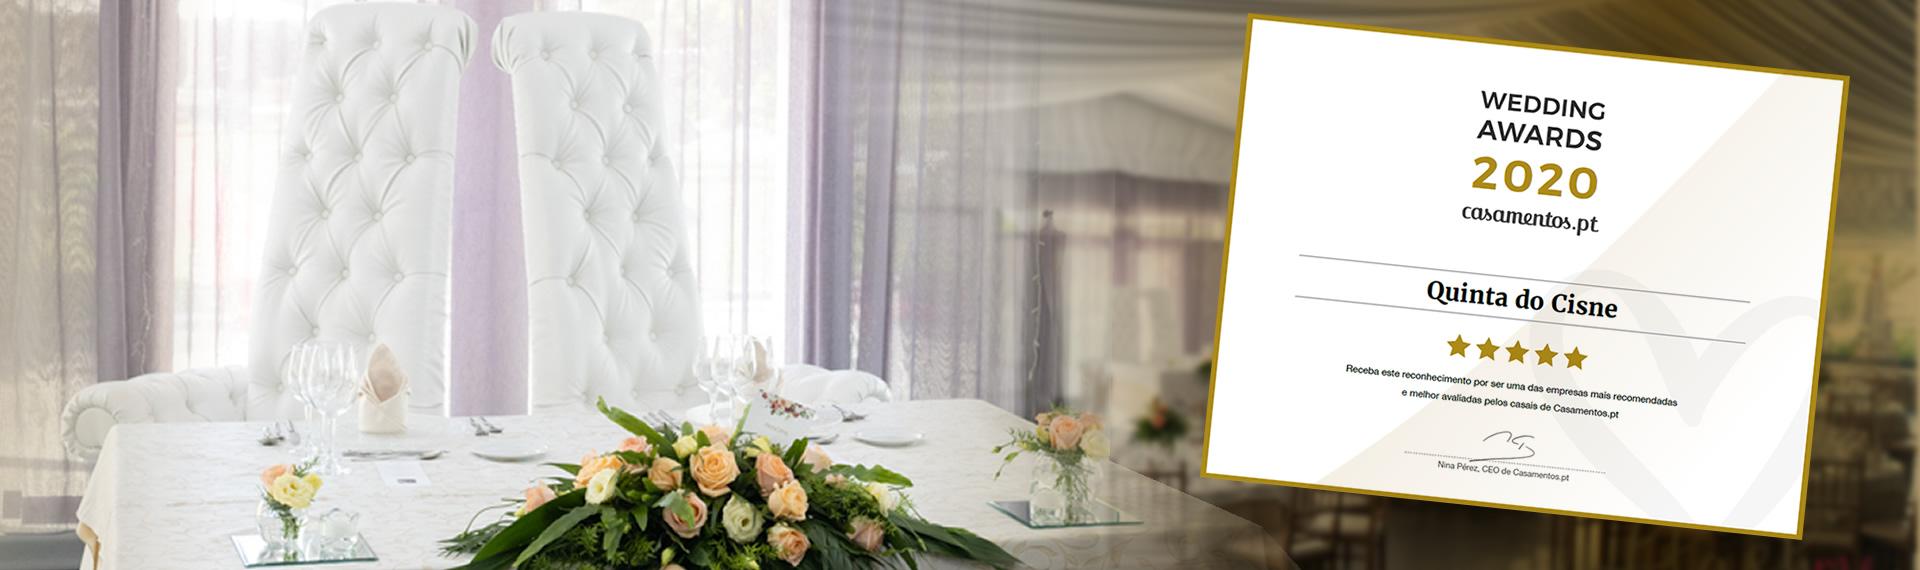 award casamentos 2020